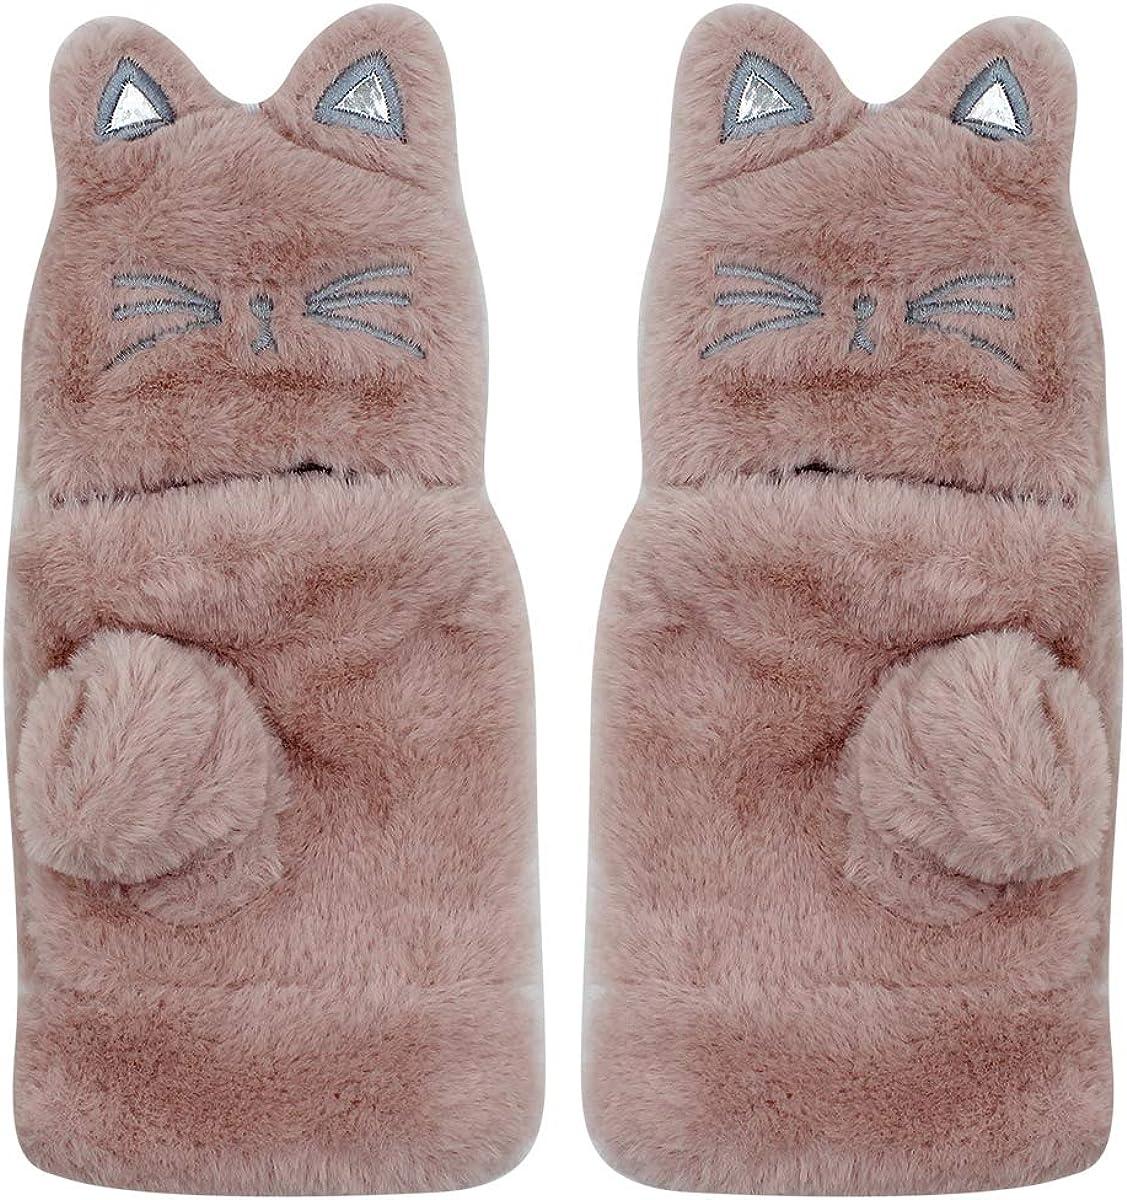 Women Girls Soft Faux Fur Convertible Flip Top Gloves Cute Cat Fingerless Winter Mittens